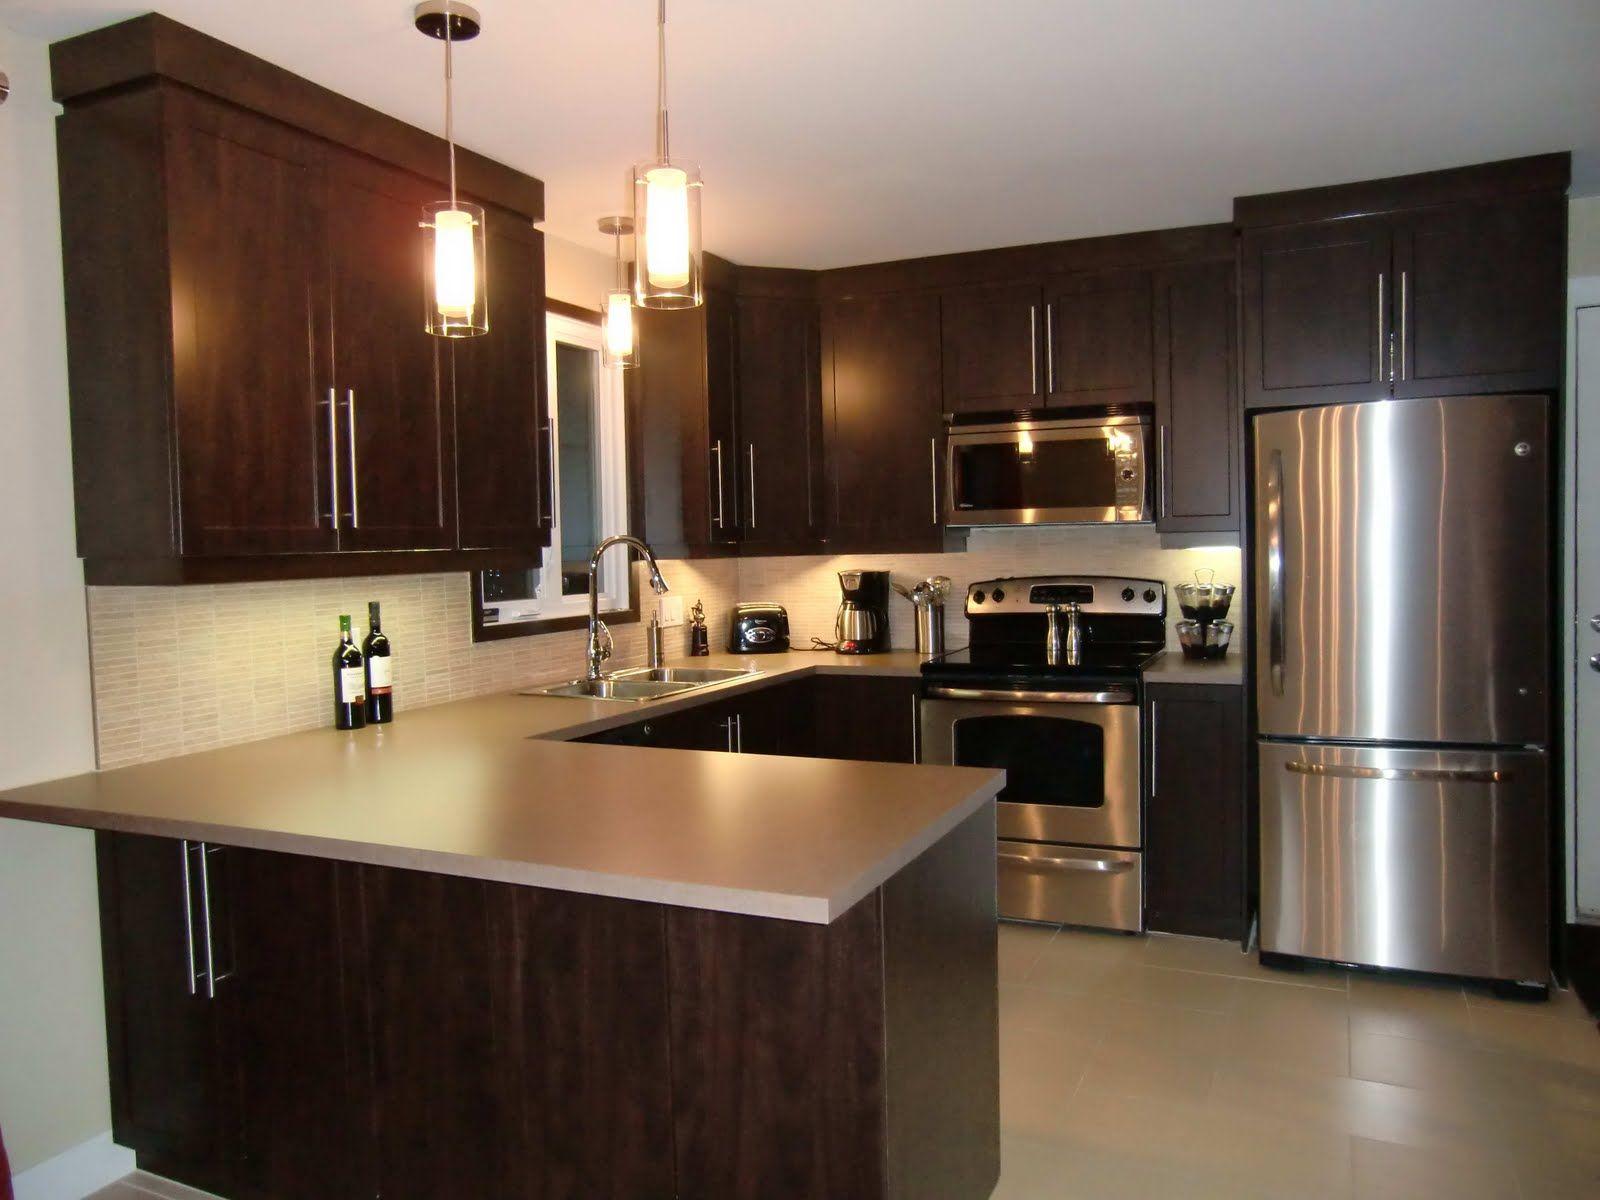 Fabriquer Des Portes D Armoires De Cuisine modèle d'armoire de cuisine - recherche google | armoire de